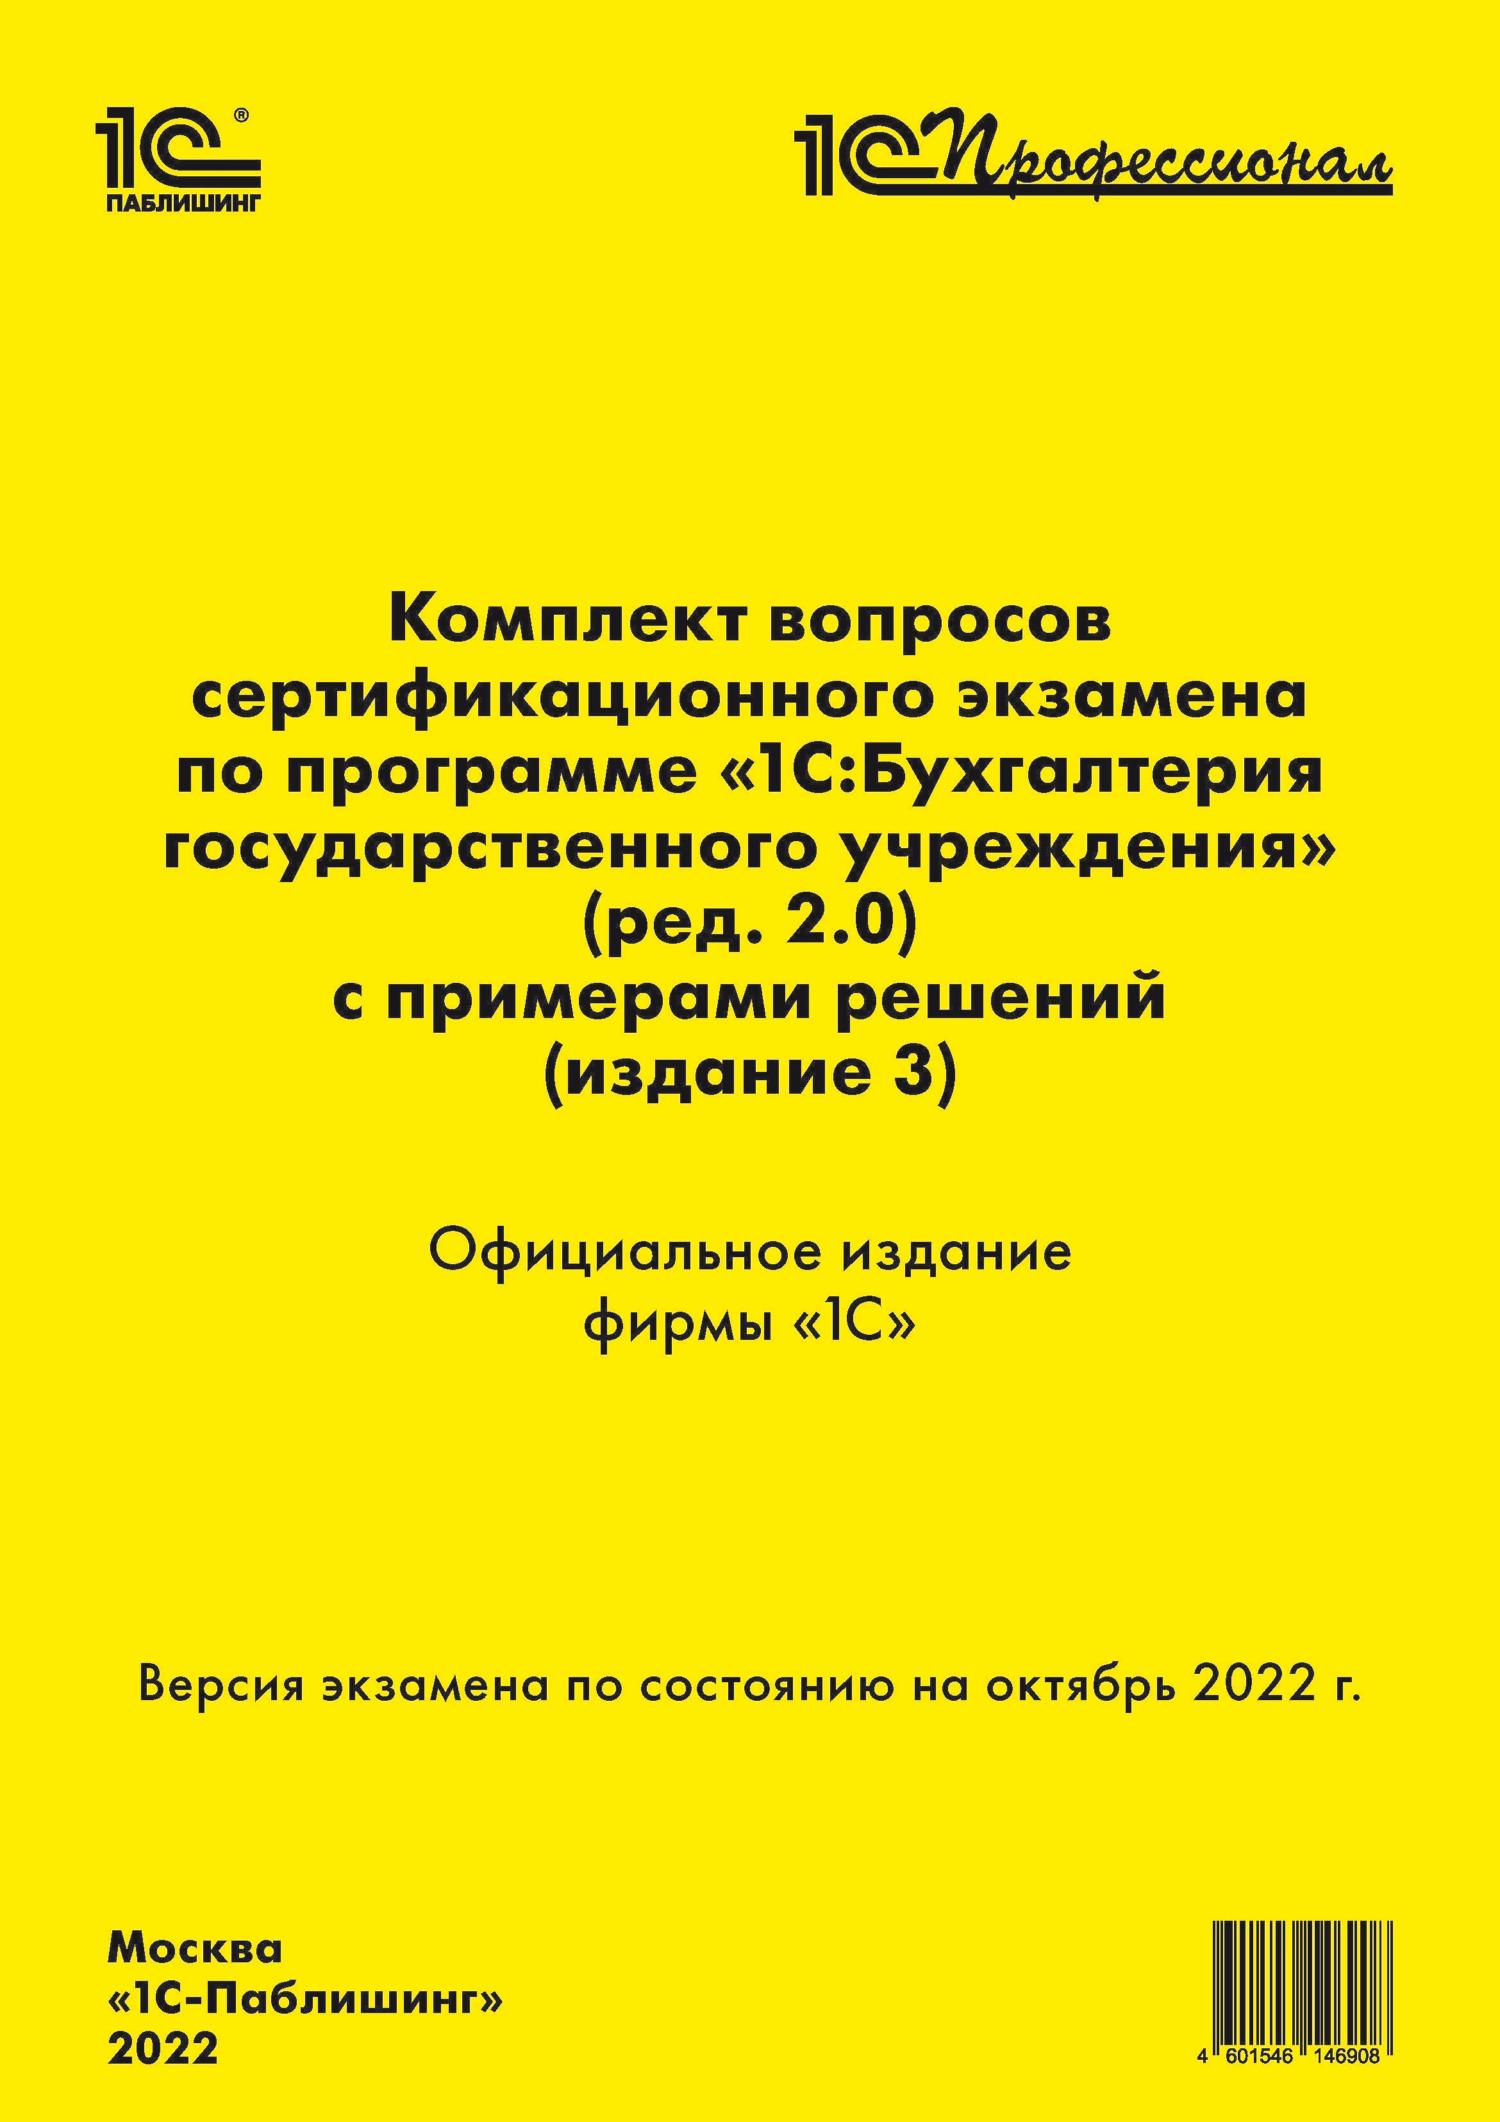 Купить книгу Комплект вопросов сертификационного экзамена «1С:Профессионал» по программе «1С:Бухгалтерия государственного учреждения 8» (ред. 2.0) с примерами решений (издание 2), автора